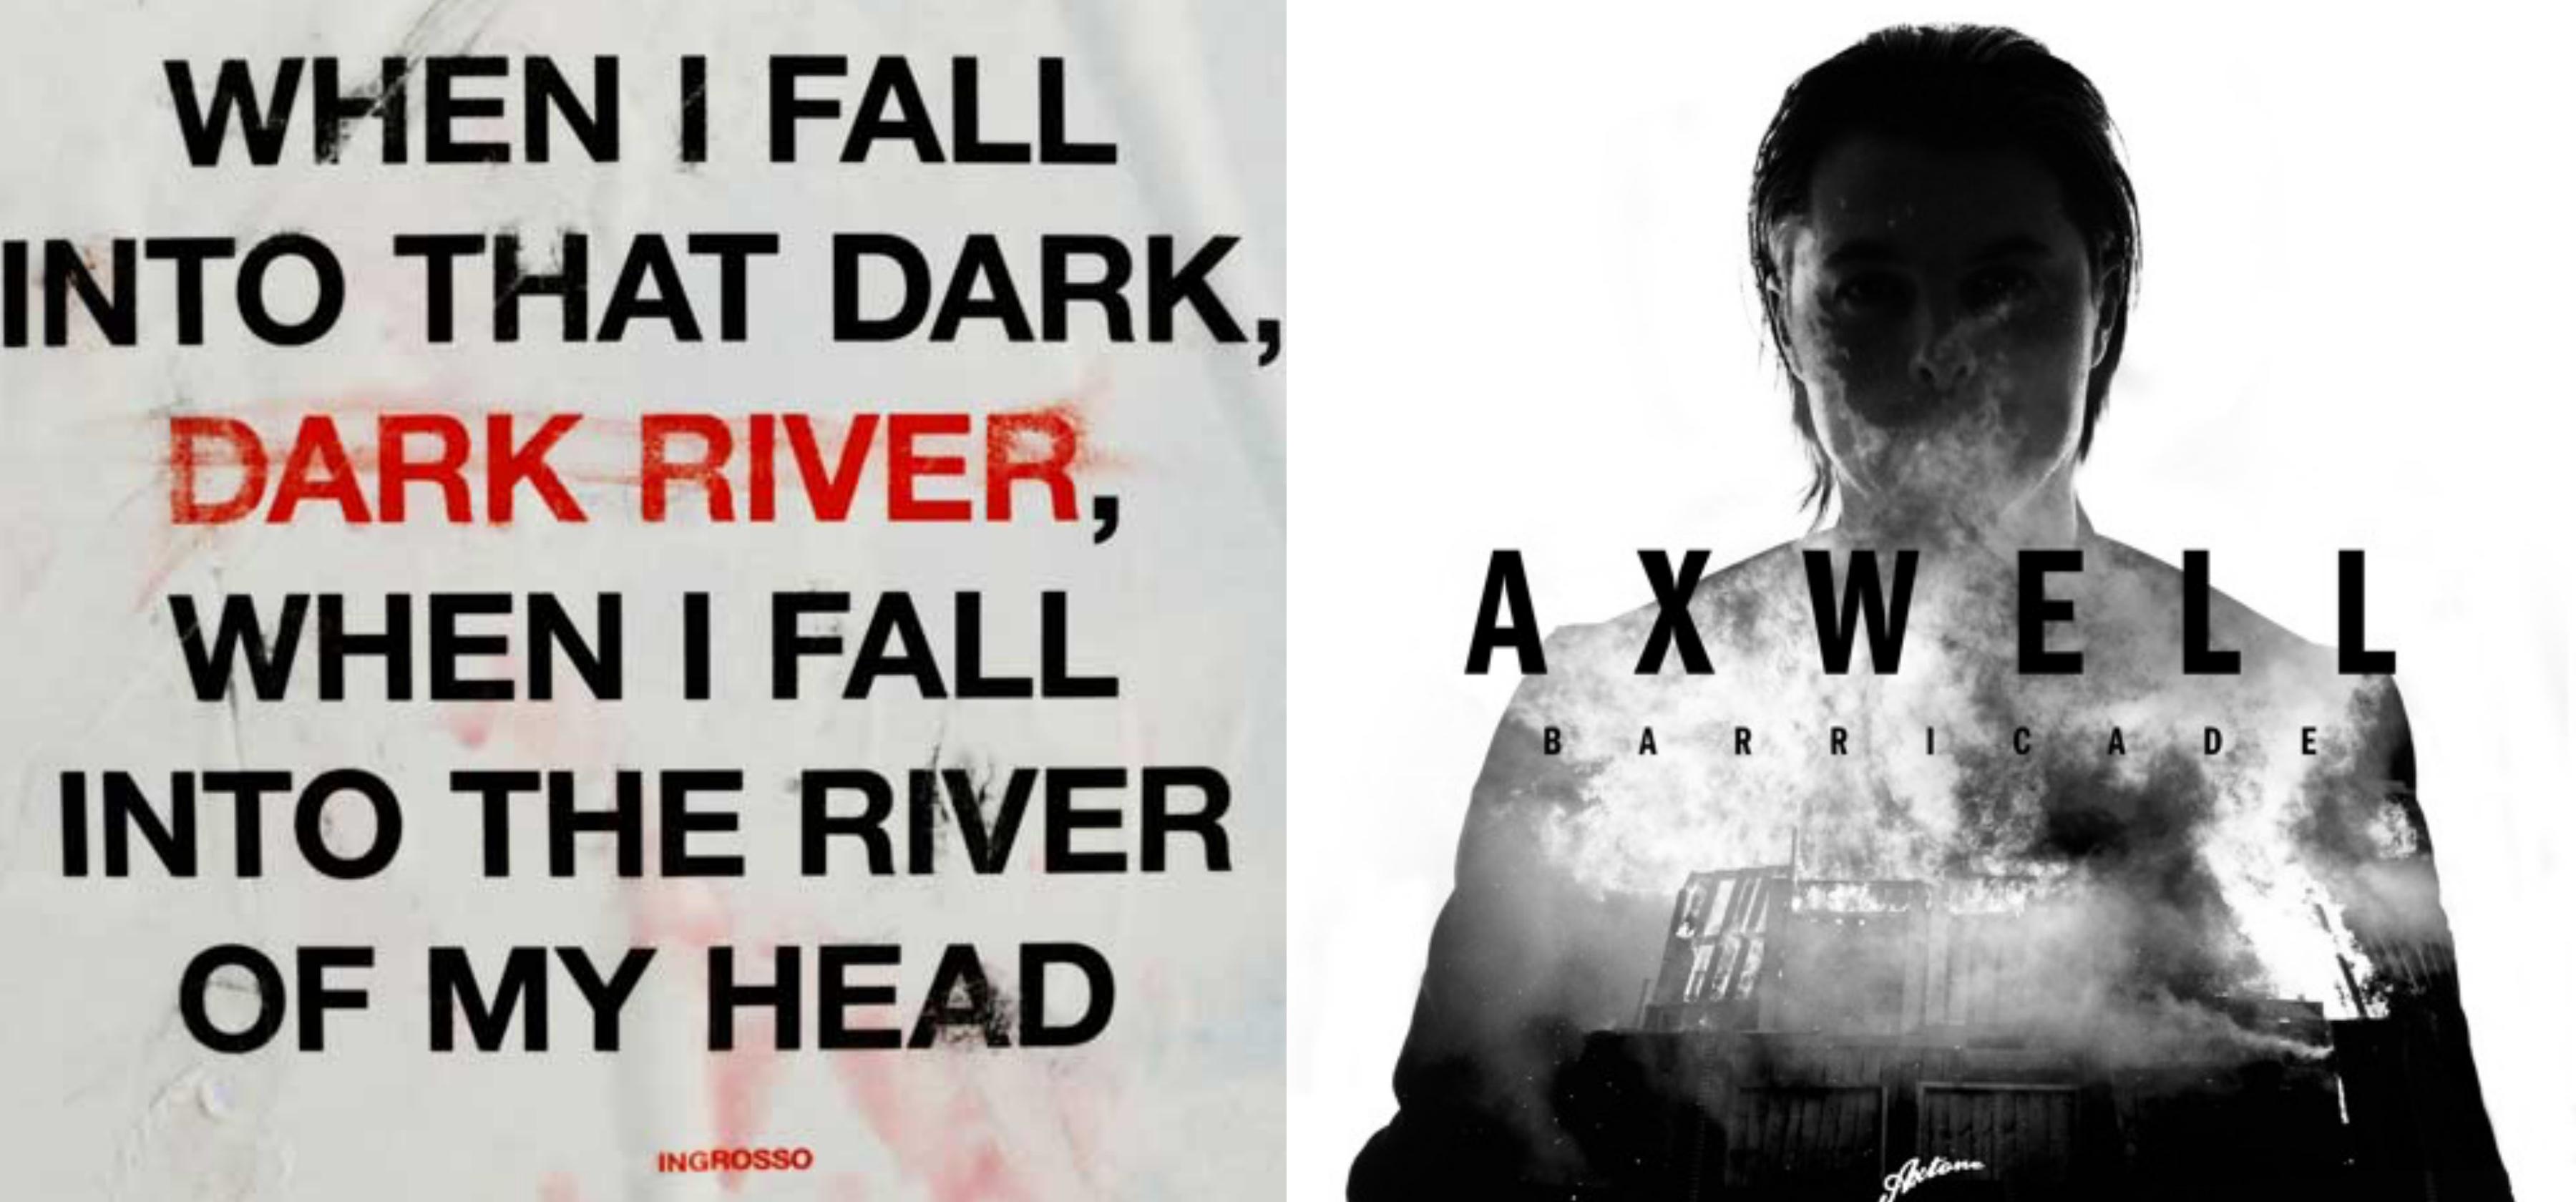 """A sinistra la cover di """"Dark River"""" di Ingrosso e a destra quella di """"Barricade"""" di Axwell"""